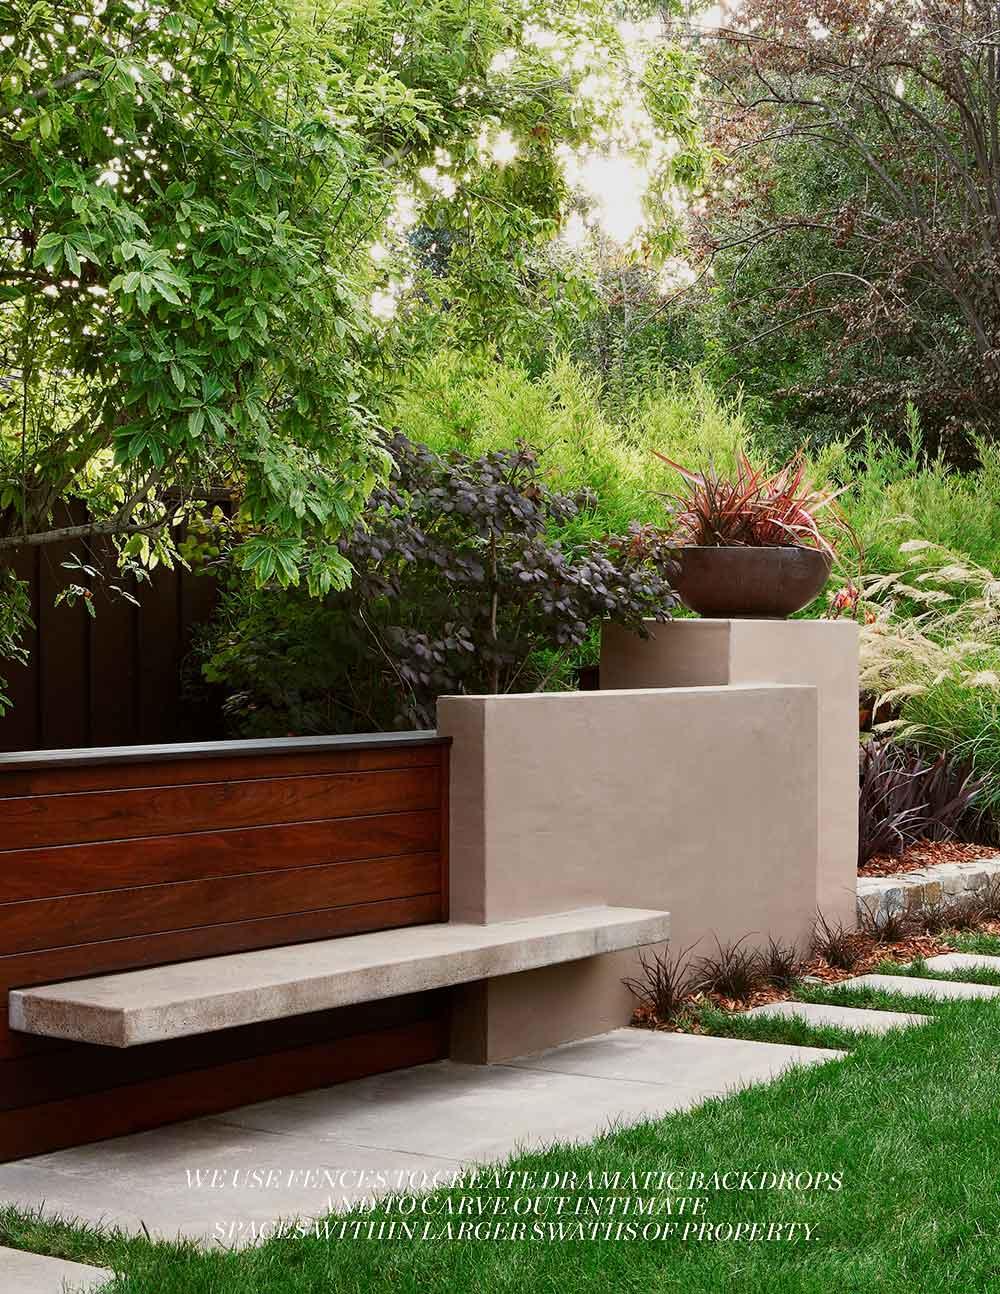 gardendesign-2012-12-pg1.jpg